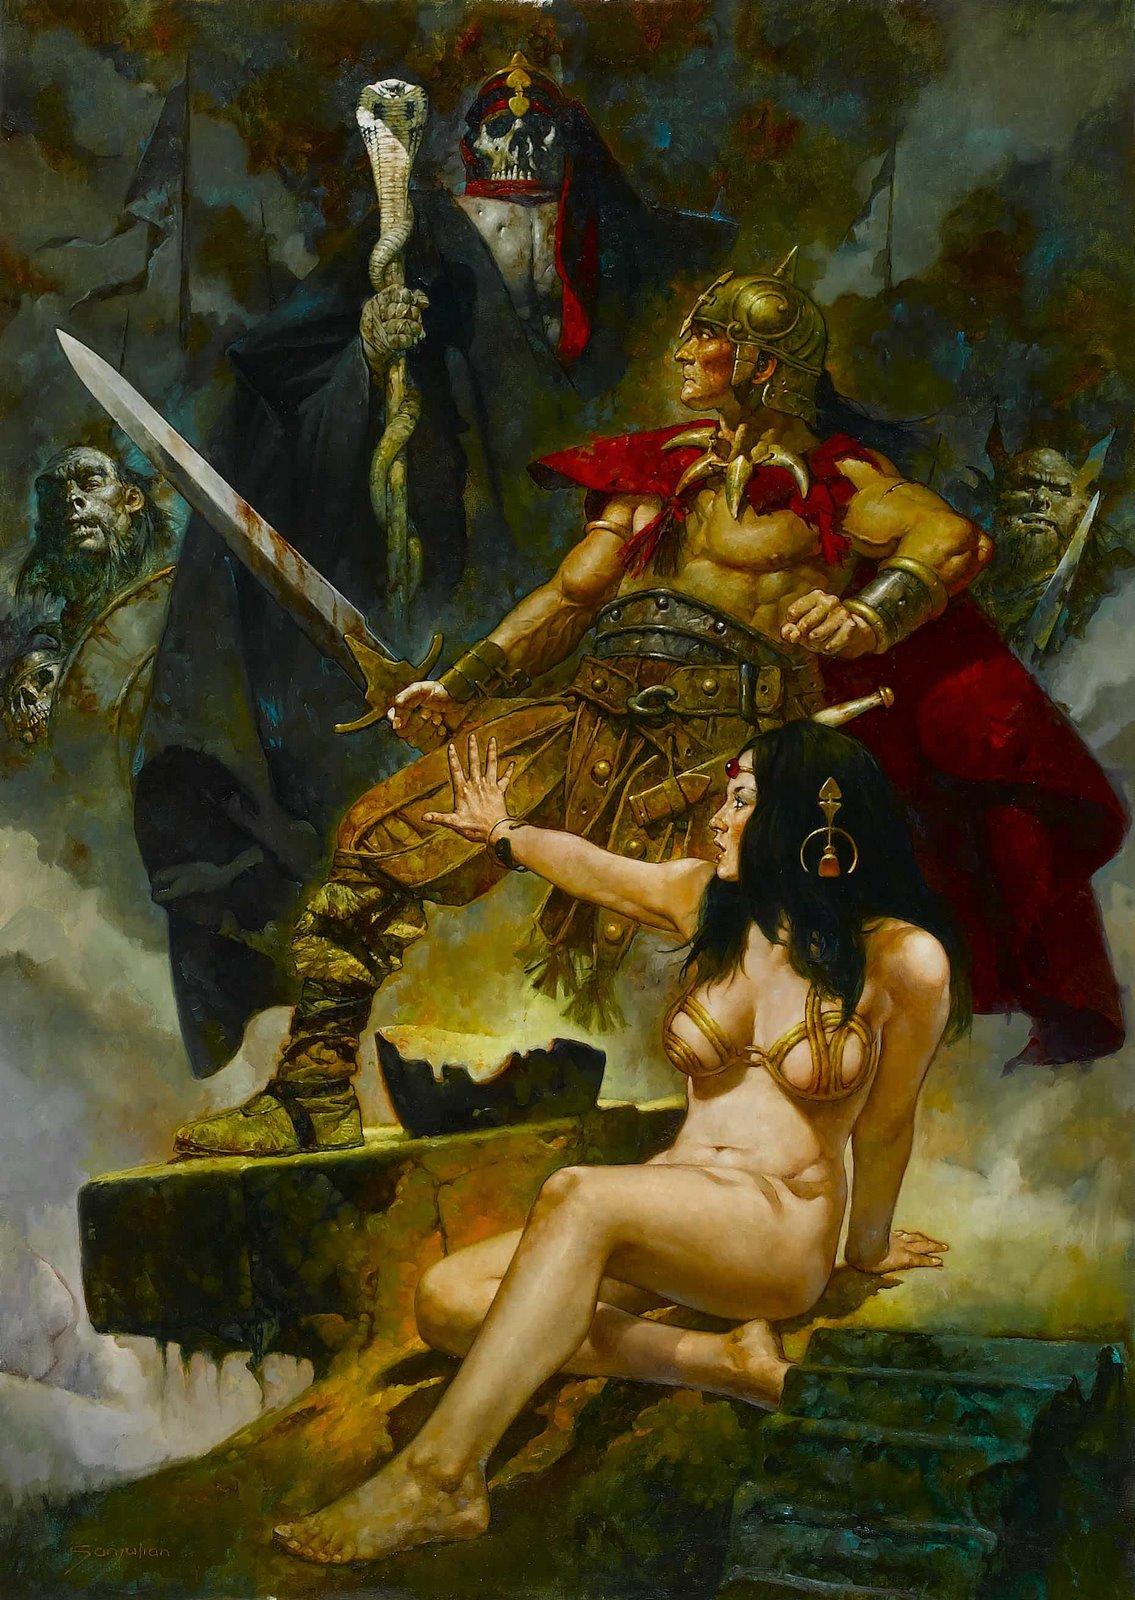 Imagens do cimério Conan%2B2